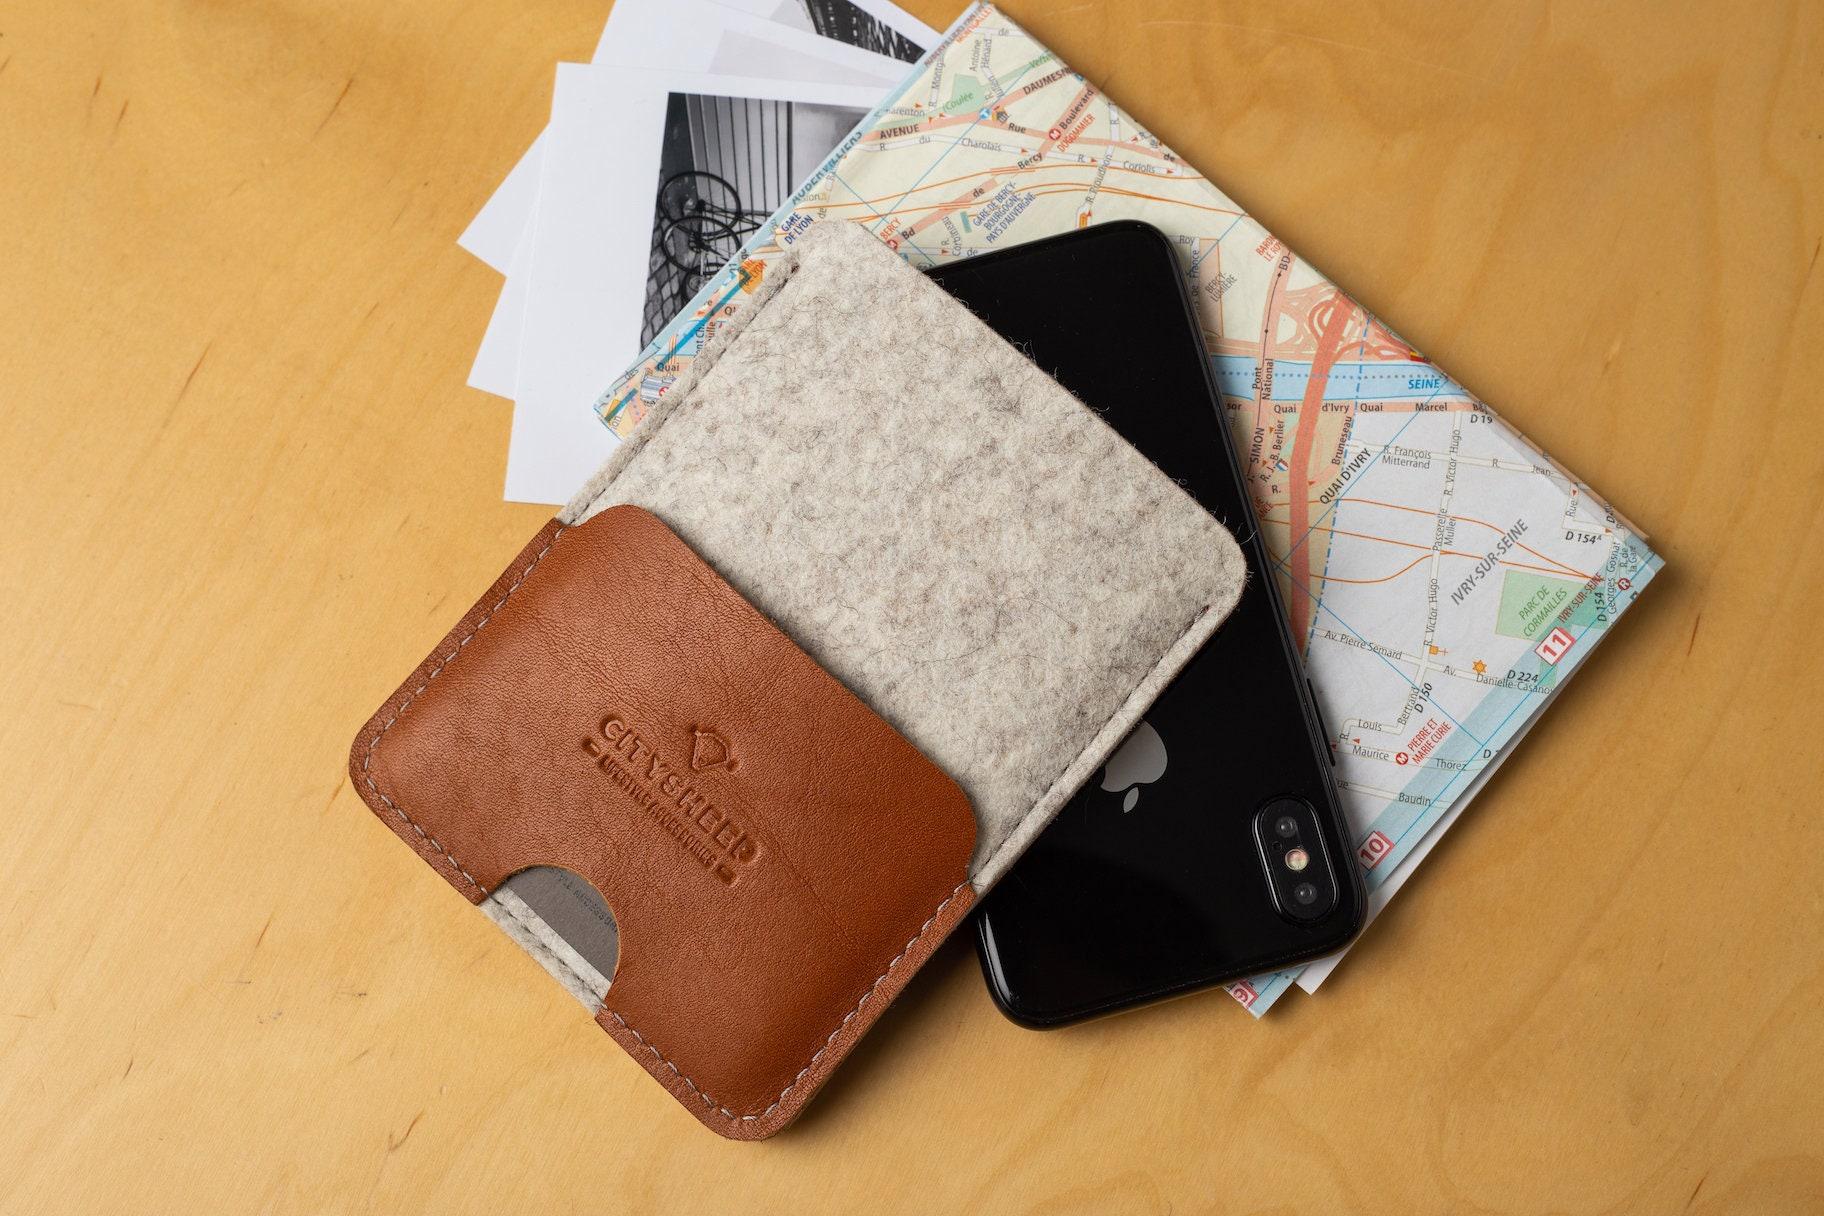 fdac8f4dadce Slim leather passport case, Passport wallet case, Passport leather cover,  Wool felt passport case, Handcrafted passport holder